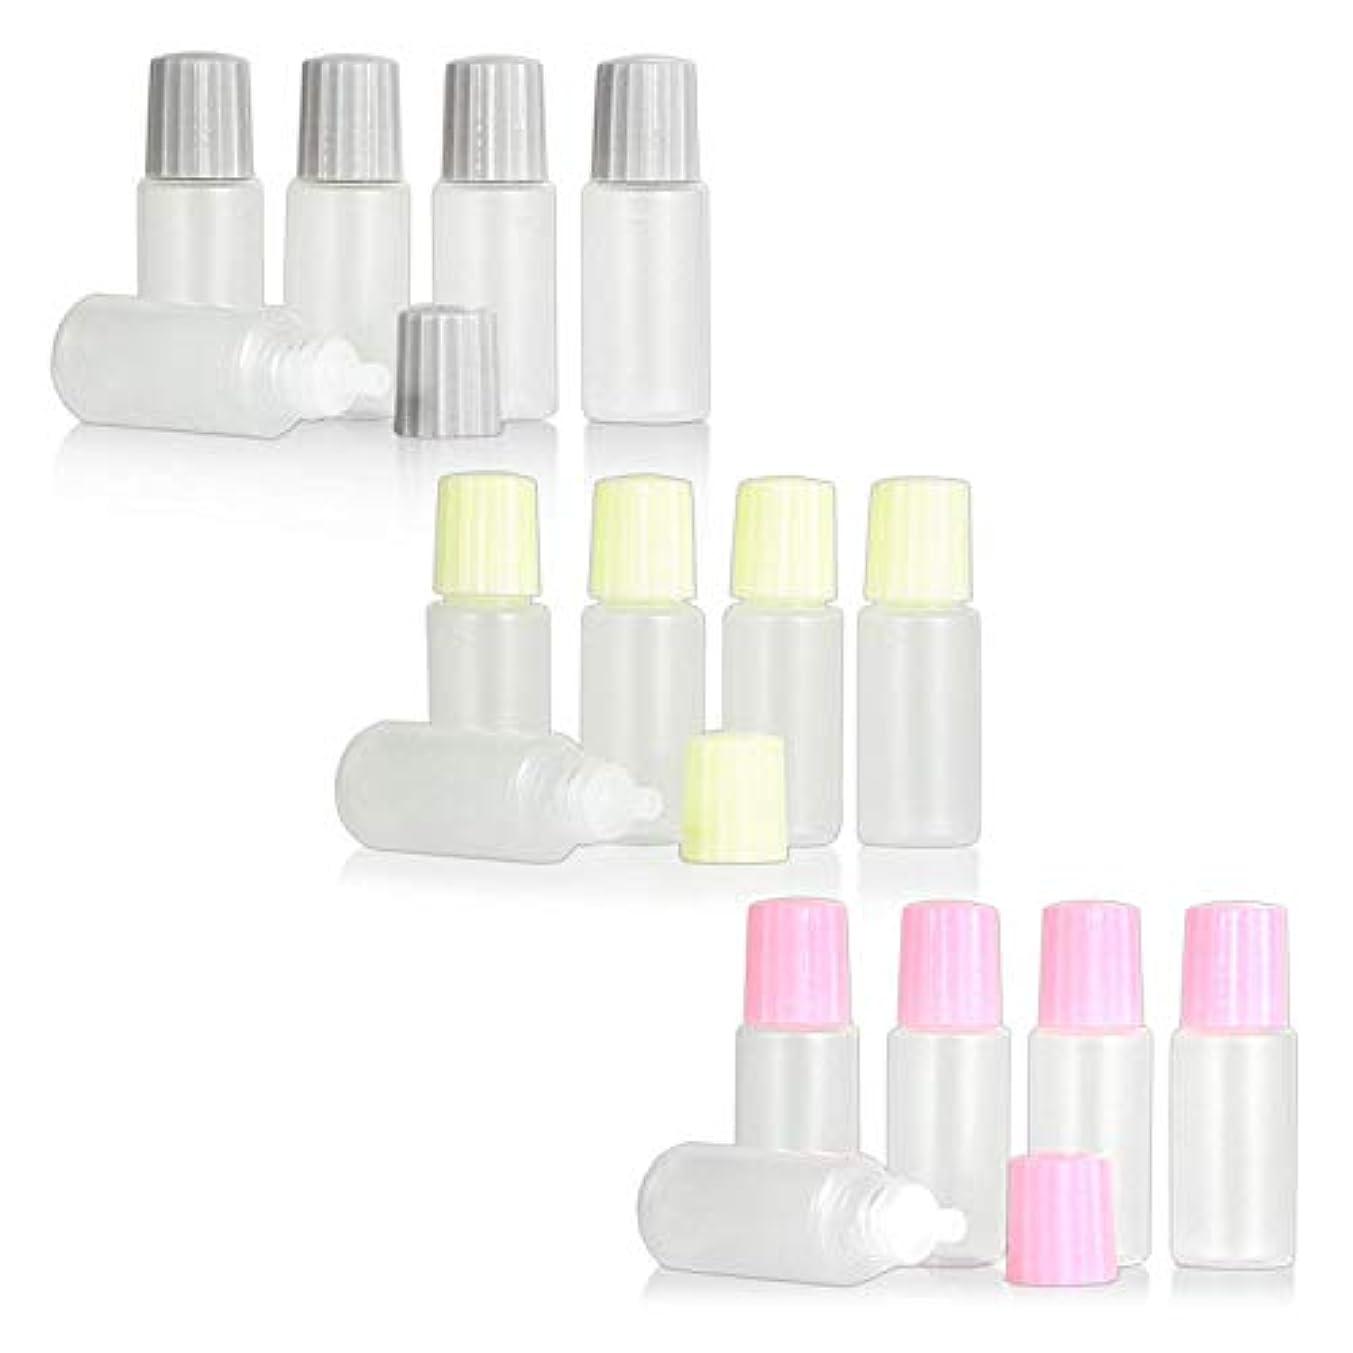 気になる植物学公使館スポイトタイプ点眼容器 10ml 3色キャップ?各5本セット ピンク?クリーム色?グレー